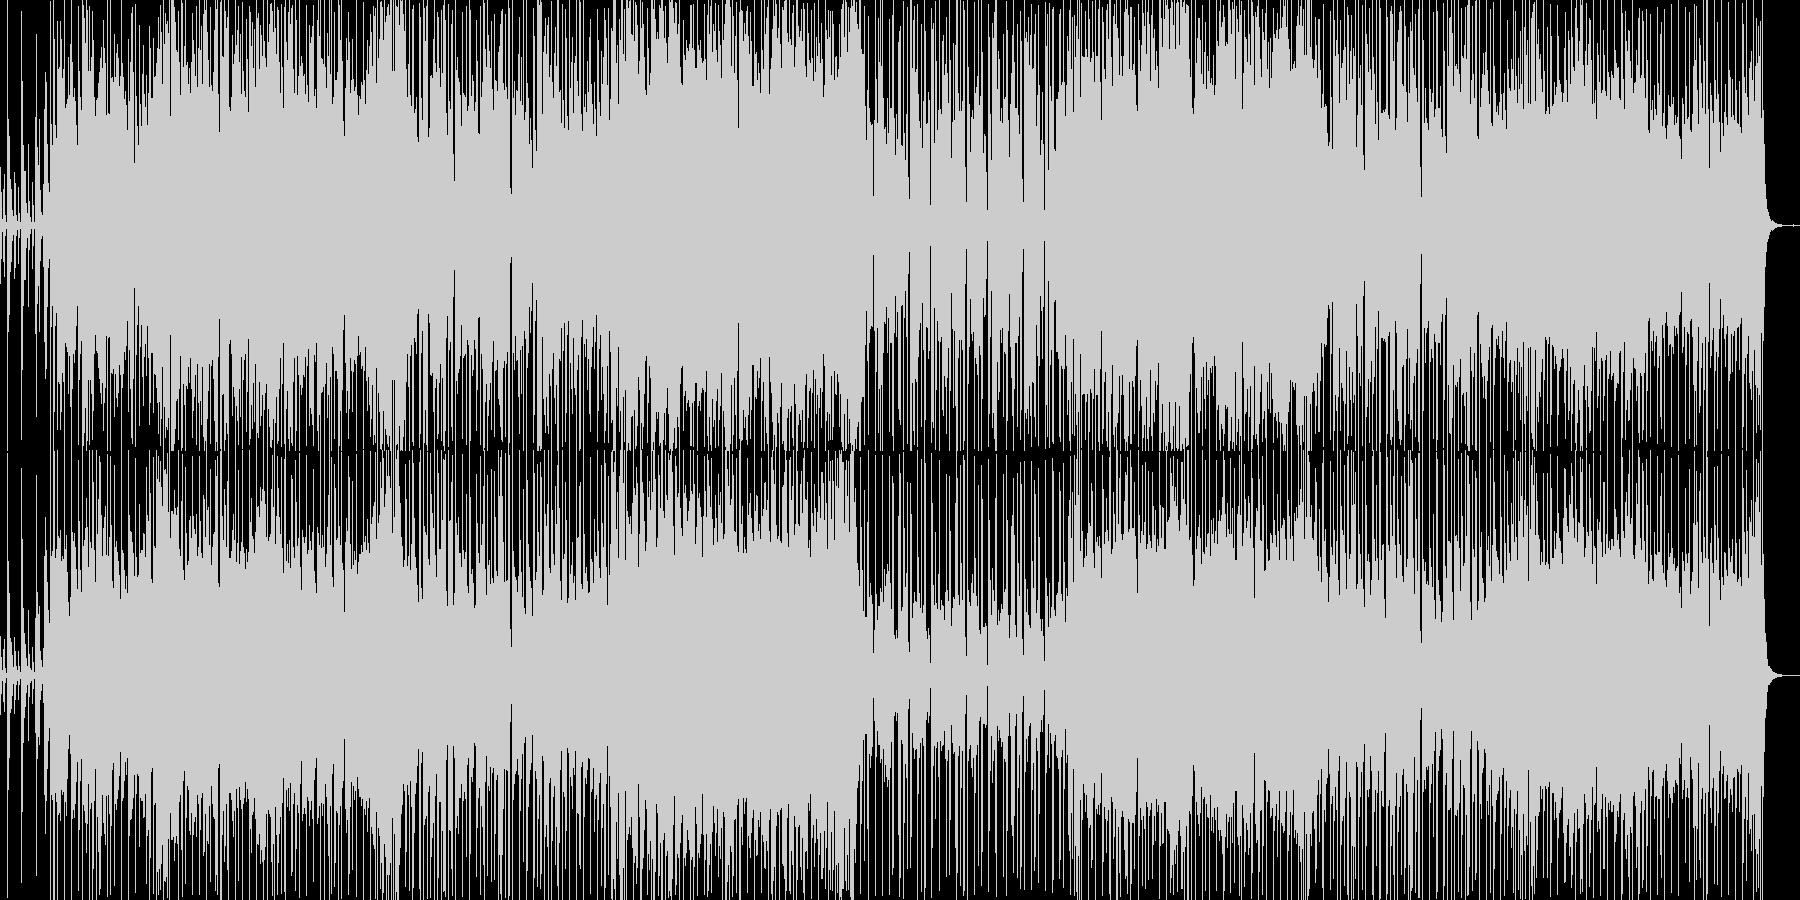 切なく不思議な感じのBGMの未再生の波形